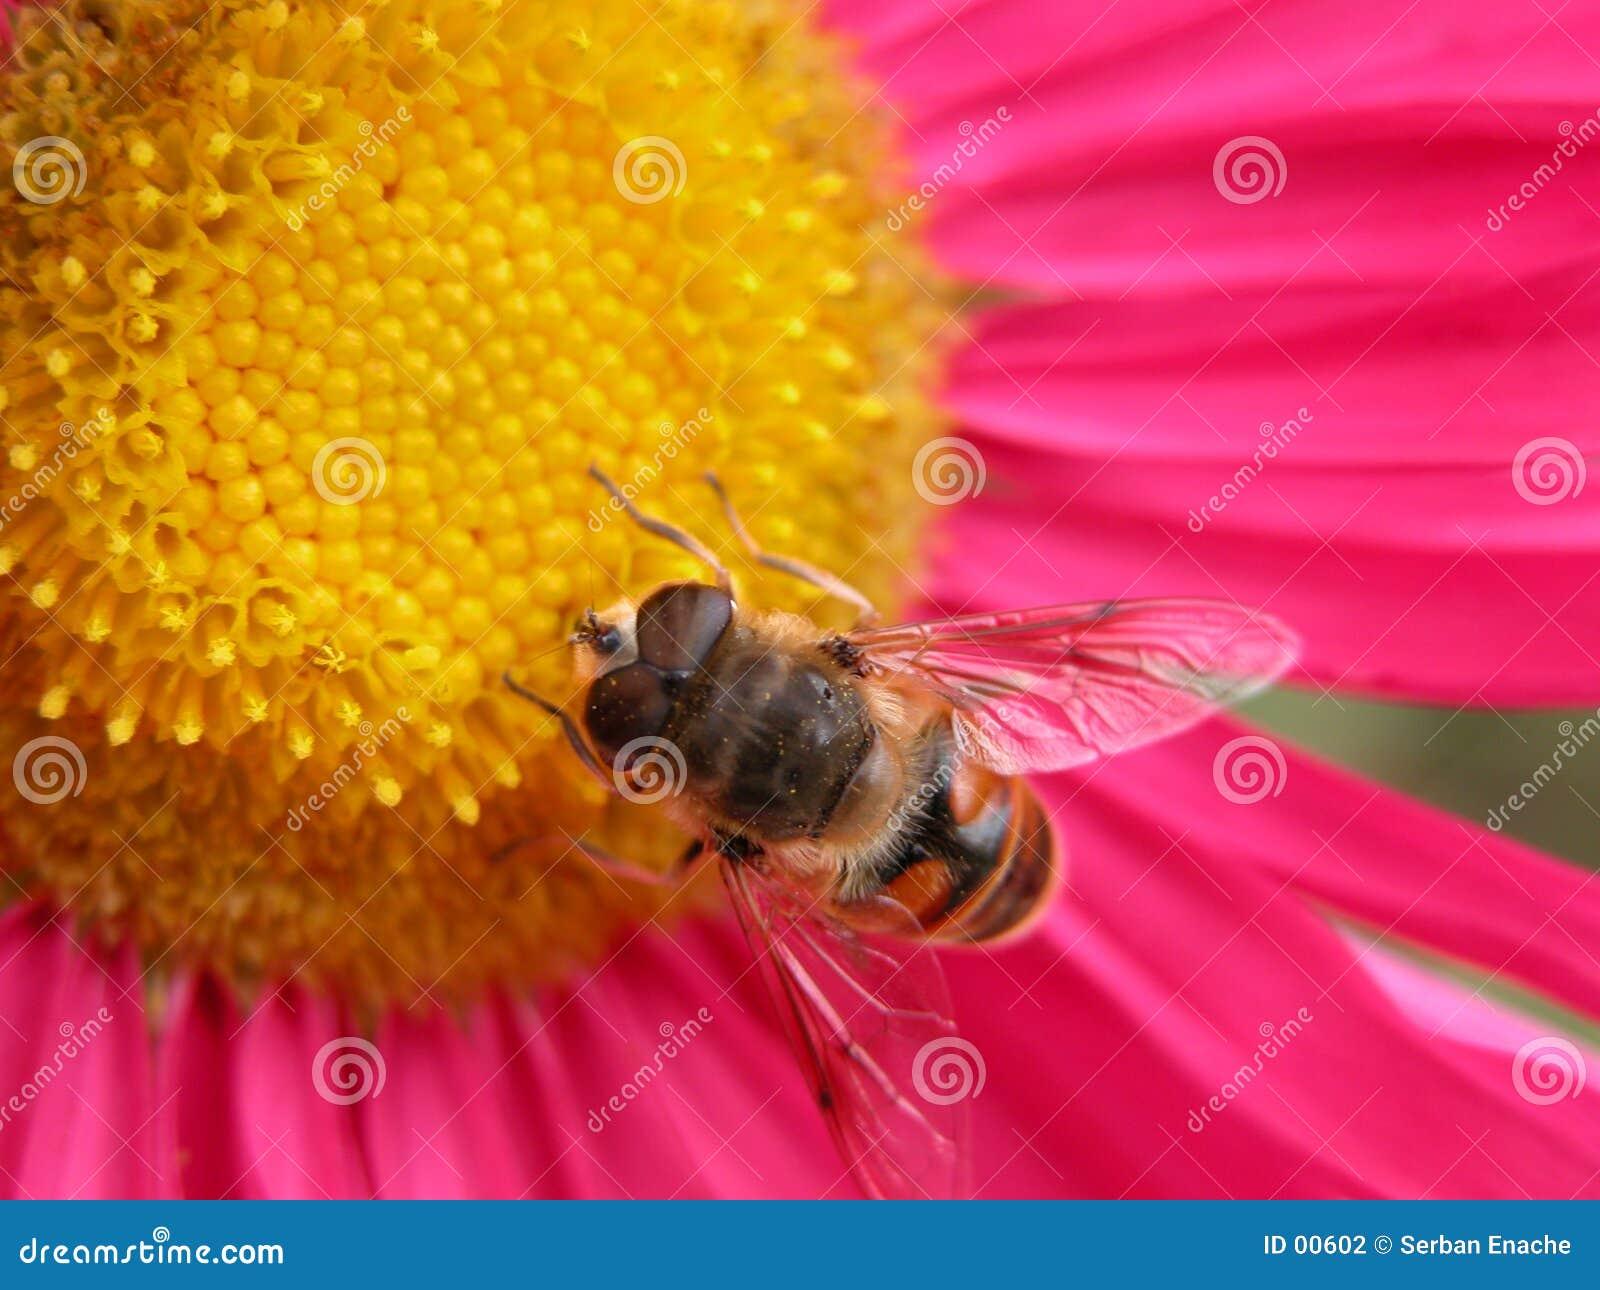 Abeille sur une fleur rose 1